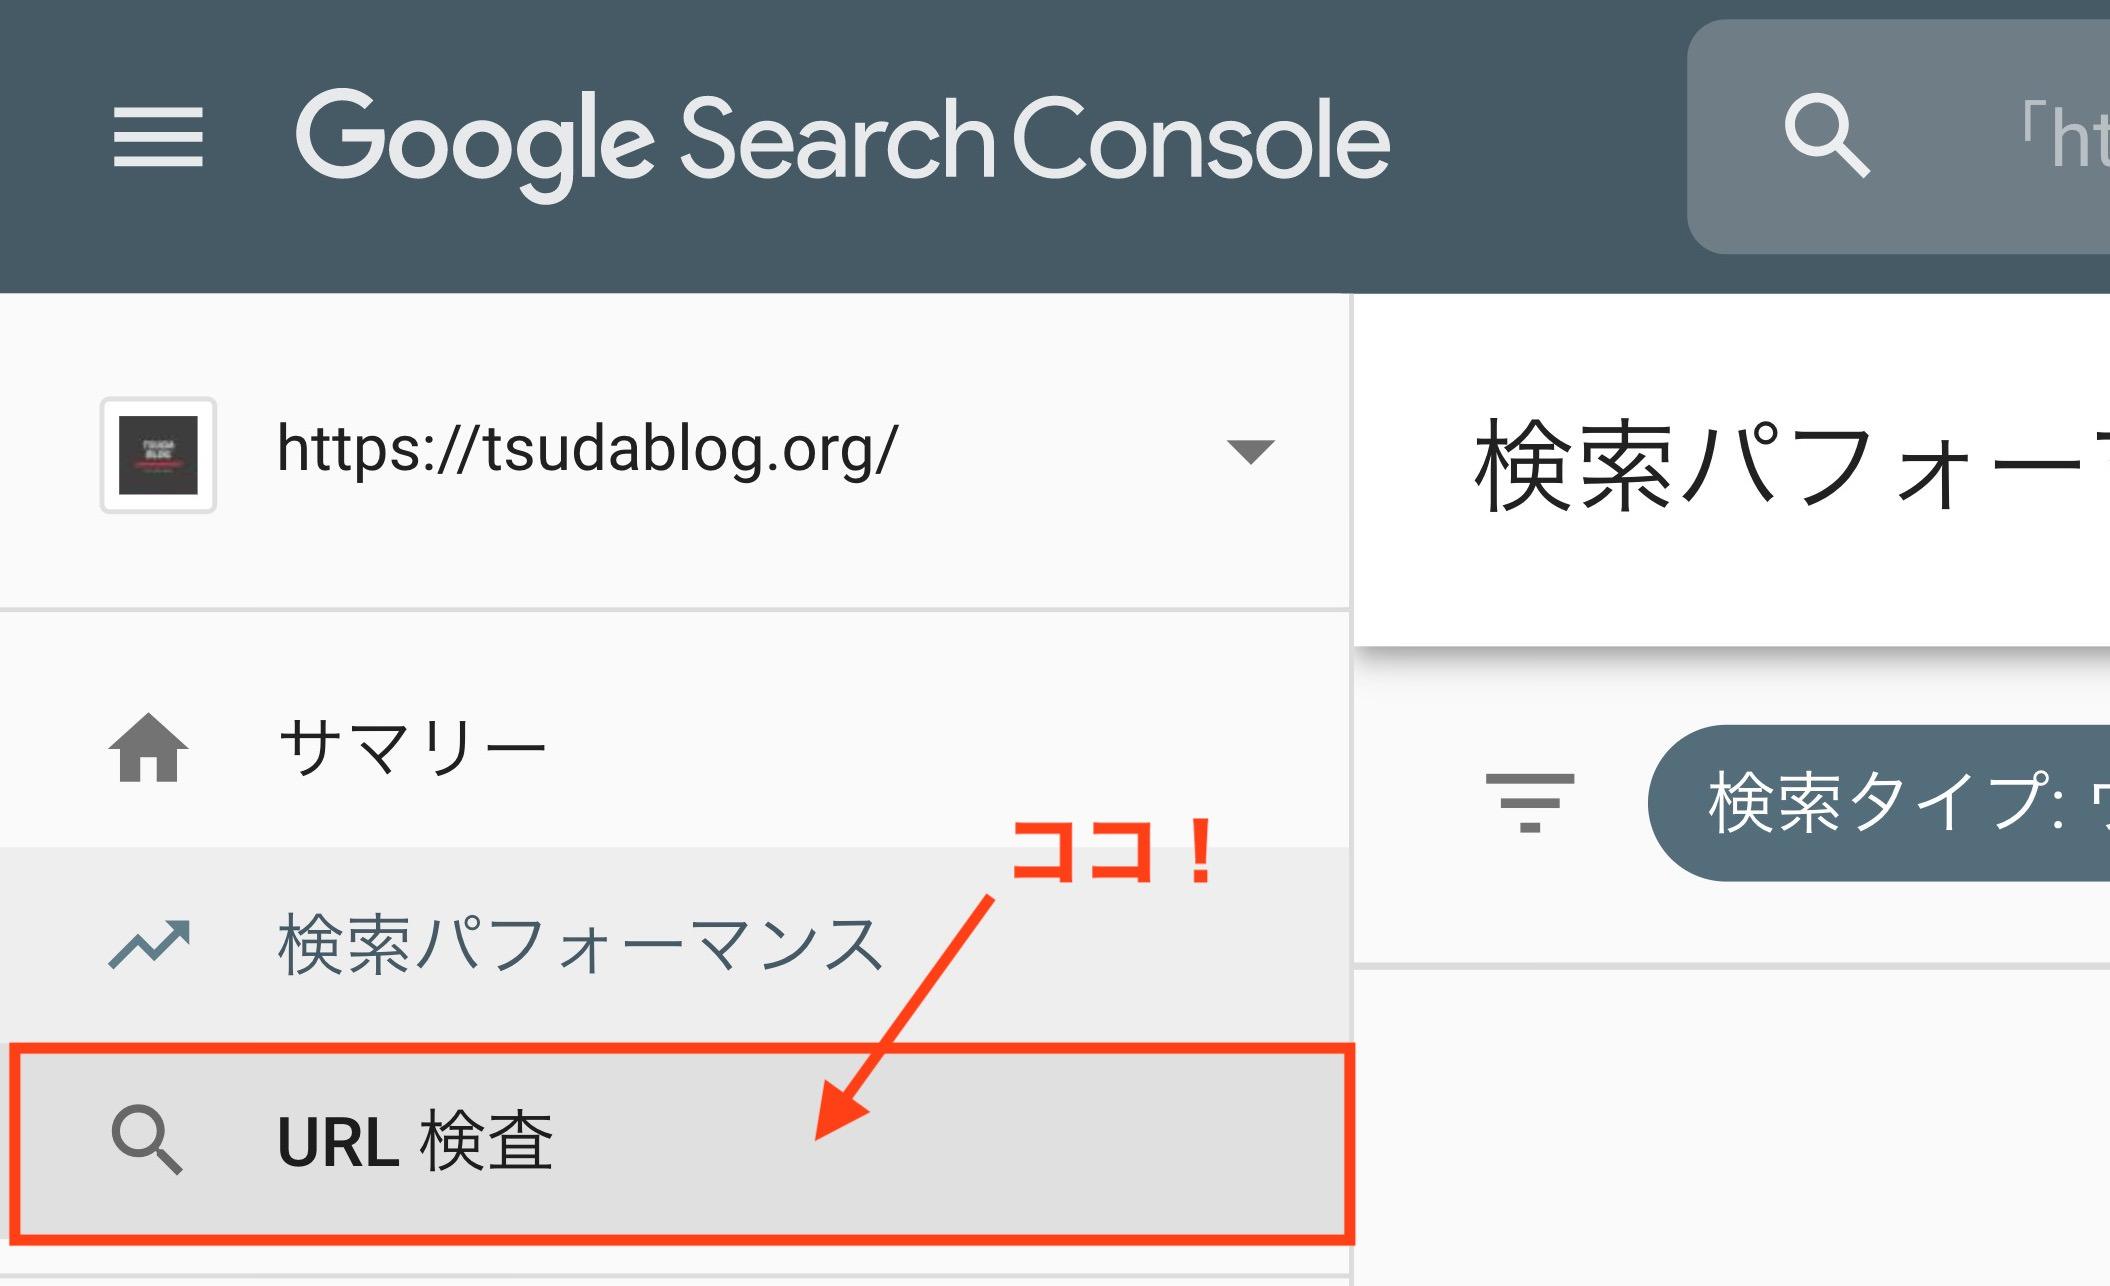 サーチコンソール URL検査